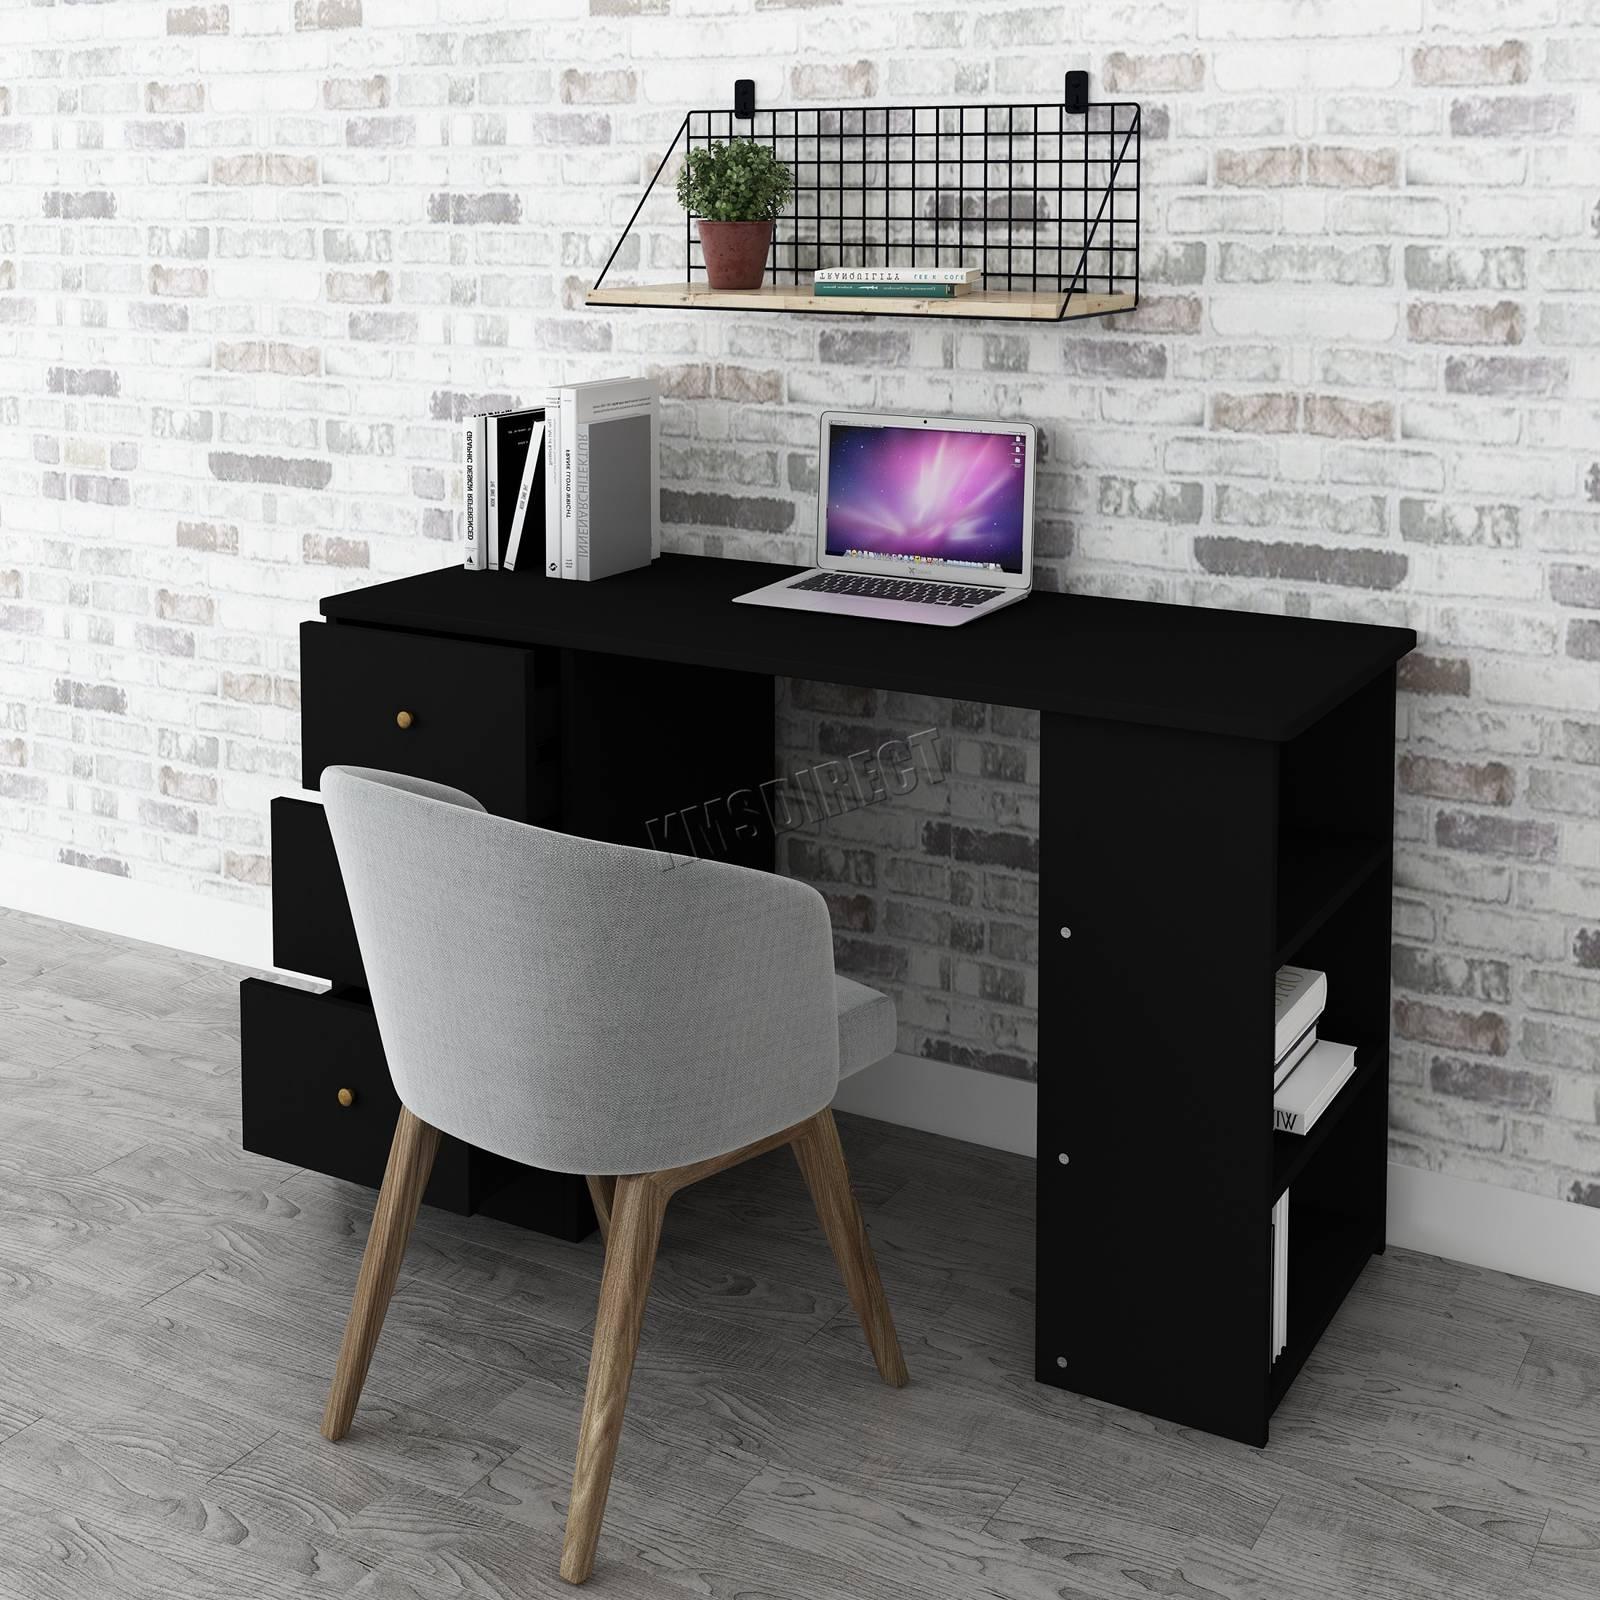 Scrivania Per Computer Design.Dettagli Su Westwood Computer Scrivania Con 3 Cassetti 3 Ripiani Pc Tavolo Casa Ufficio Studio Cd06 Mostra Il Titolo Originale